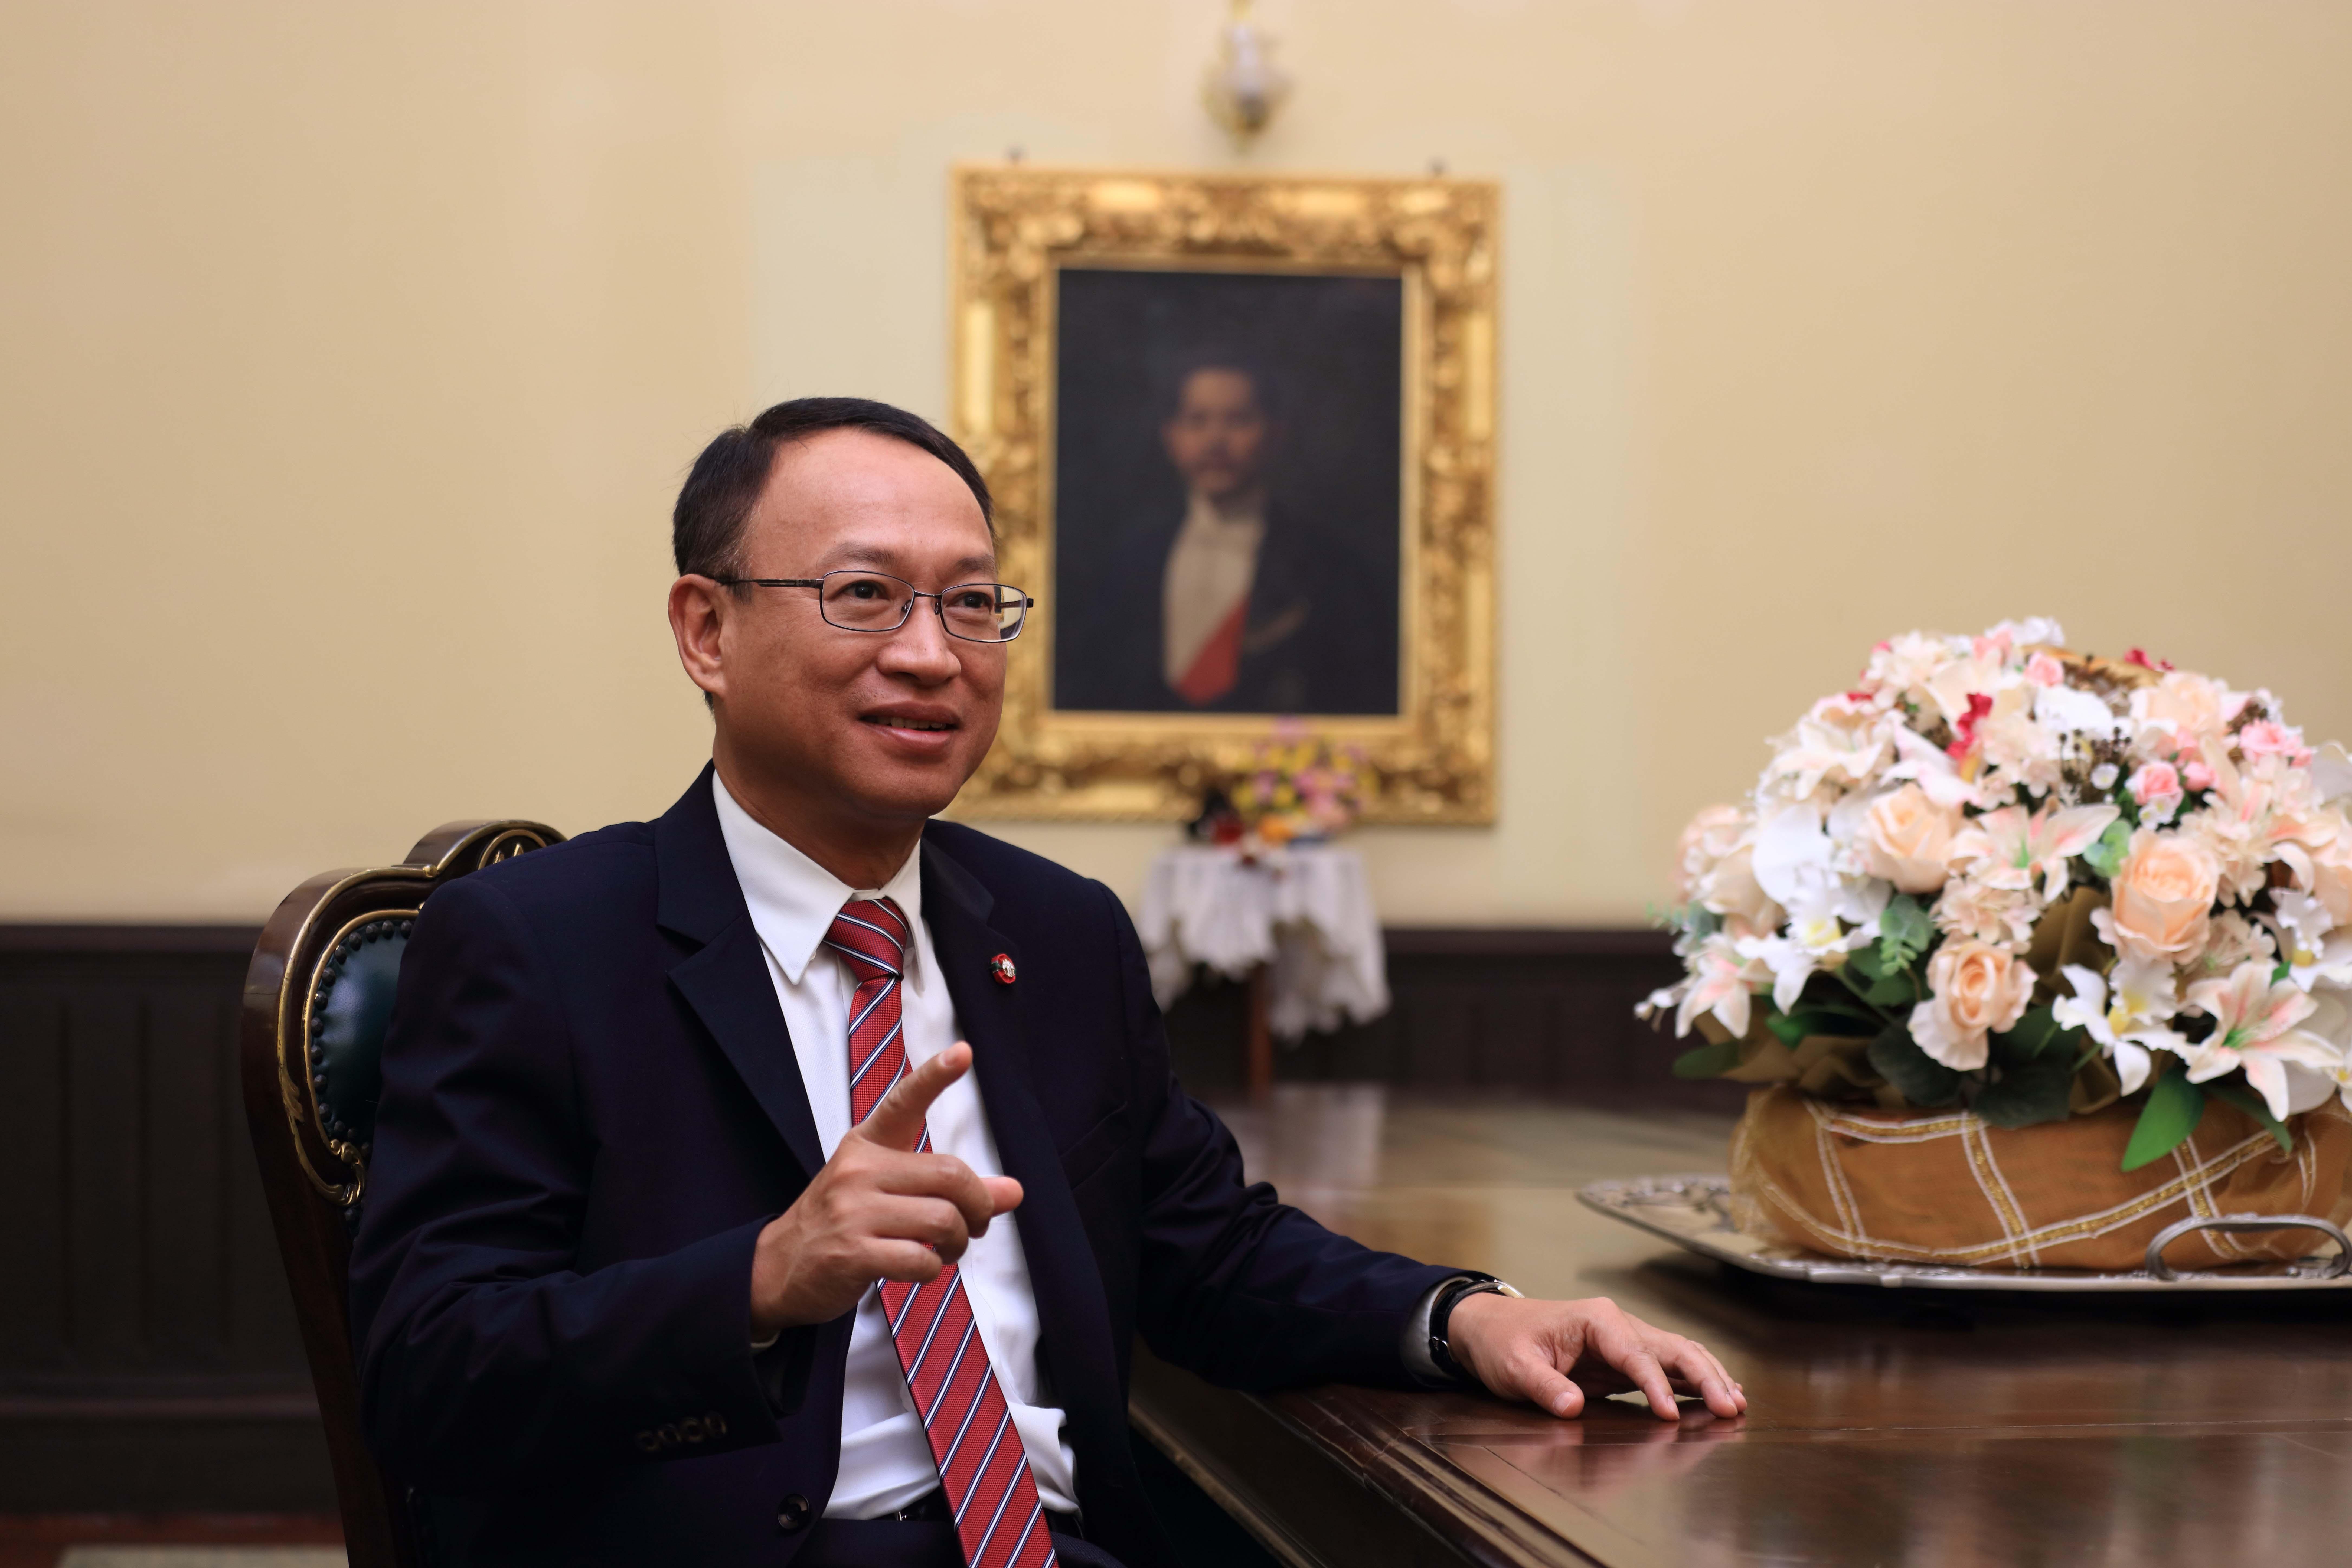 ศาสตราจารย์พิเศษ ดร.ทศพร ศิริสัมพันธ์ เลขาธิการสภาพัฒนาการเศรษฐกิจและสังคมแห่งชาติ